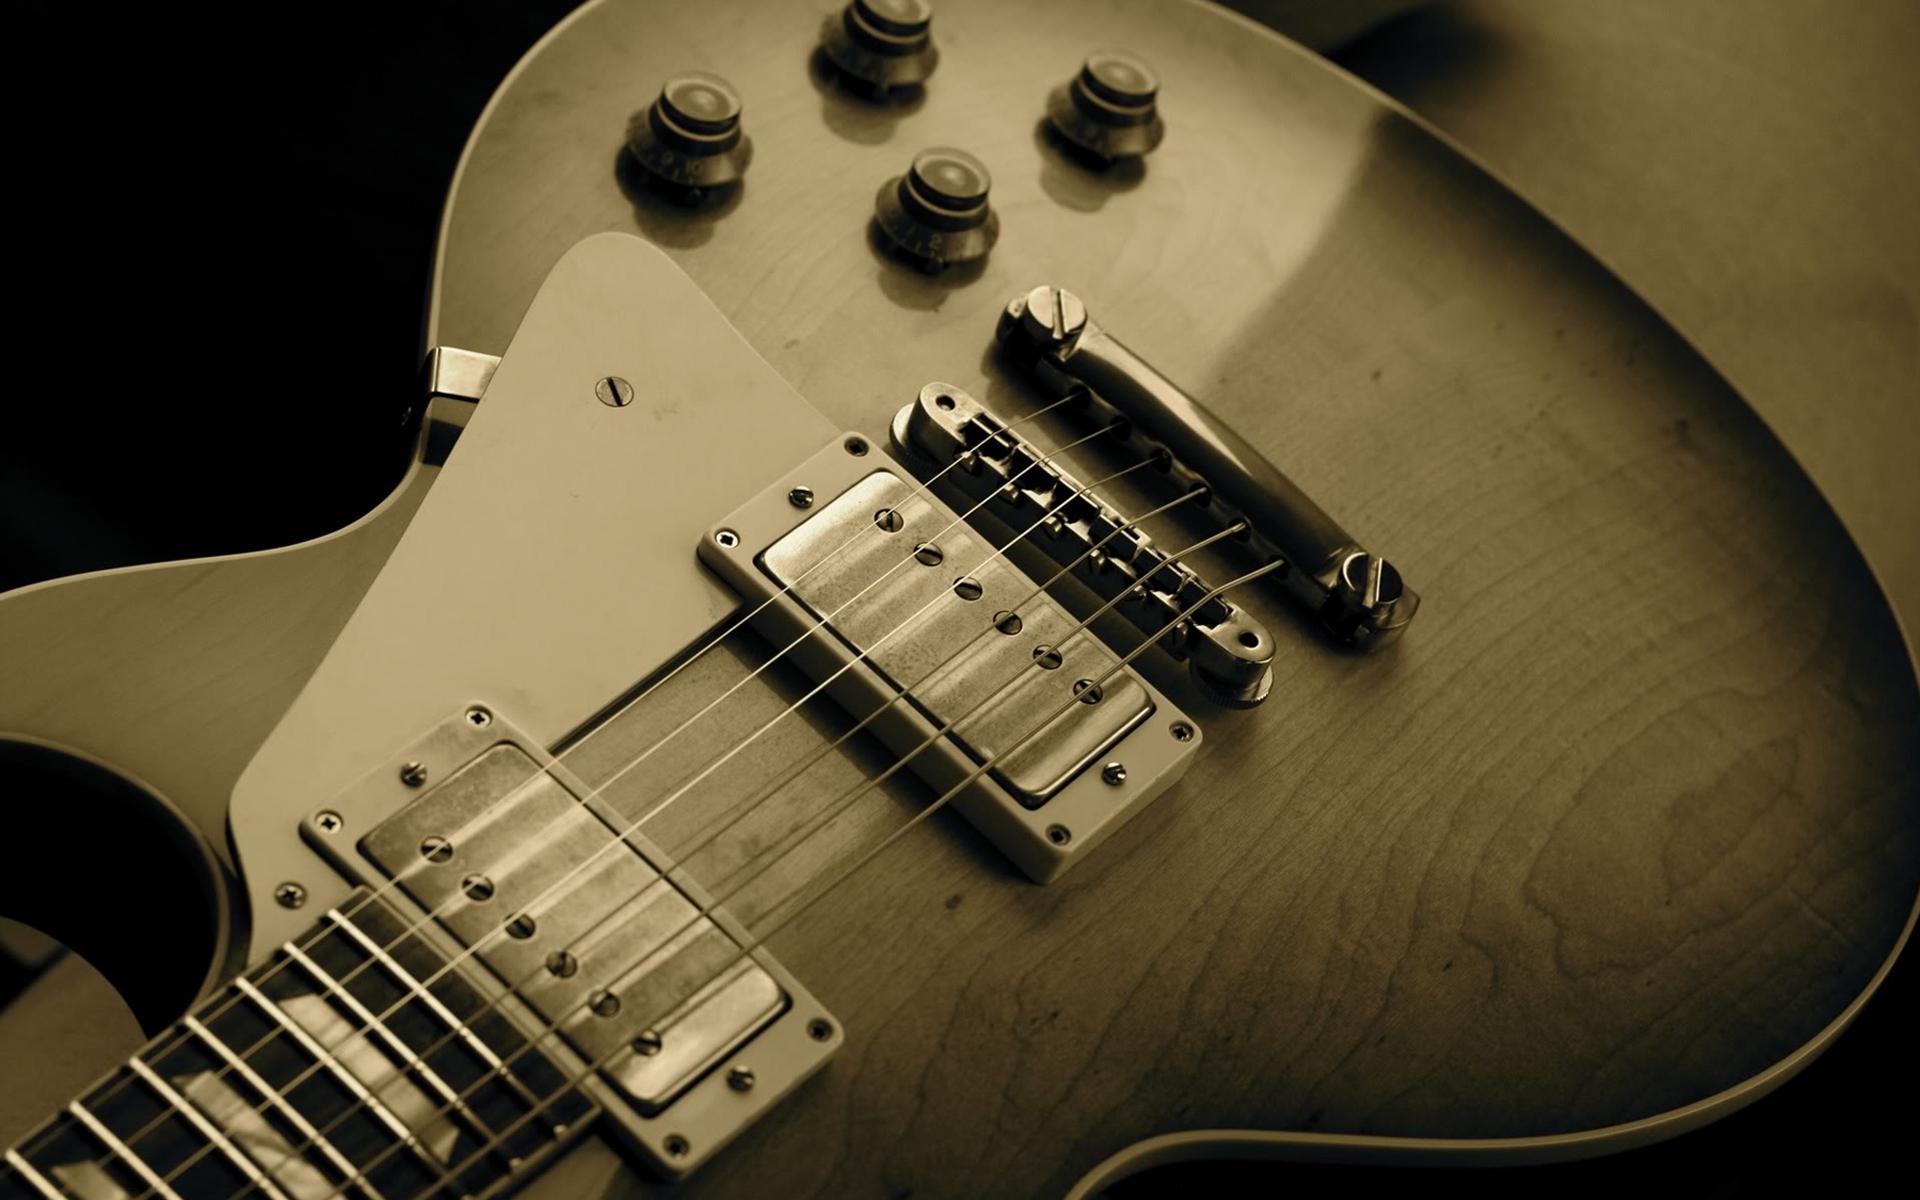 guitarfc.com_Guitar Bg (6)